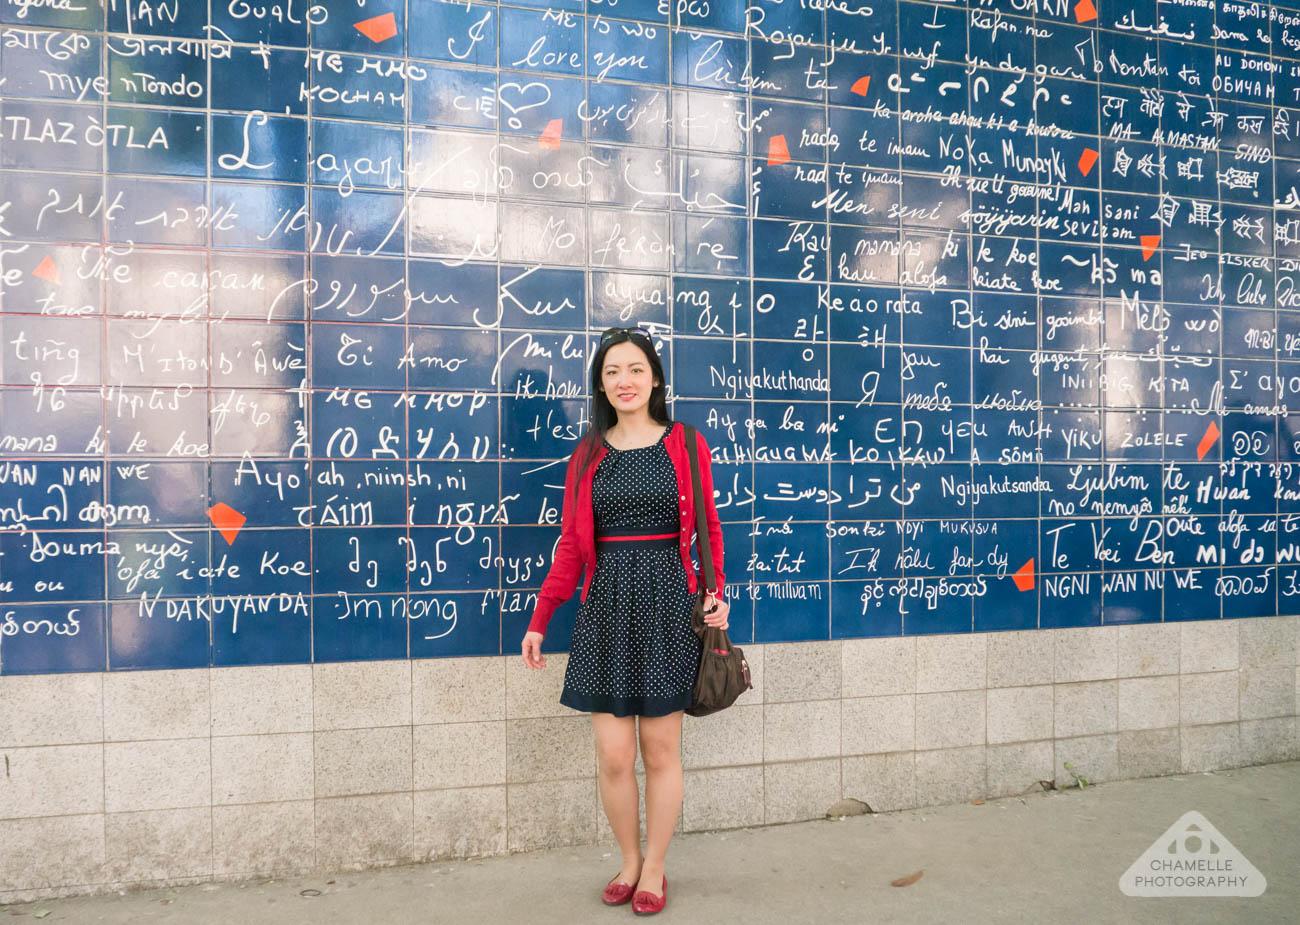 Montmartre Paris France Travel Mur des je t'aime I love you wall languages